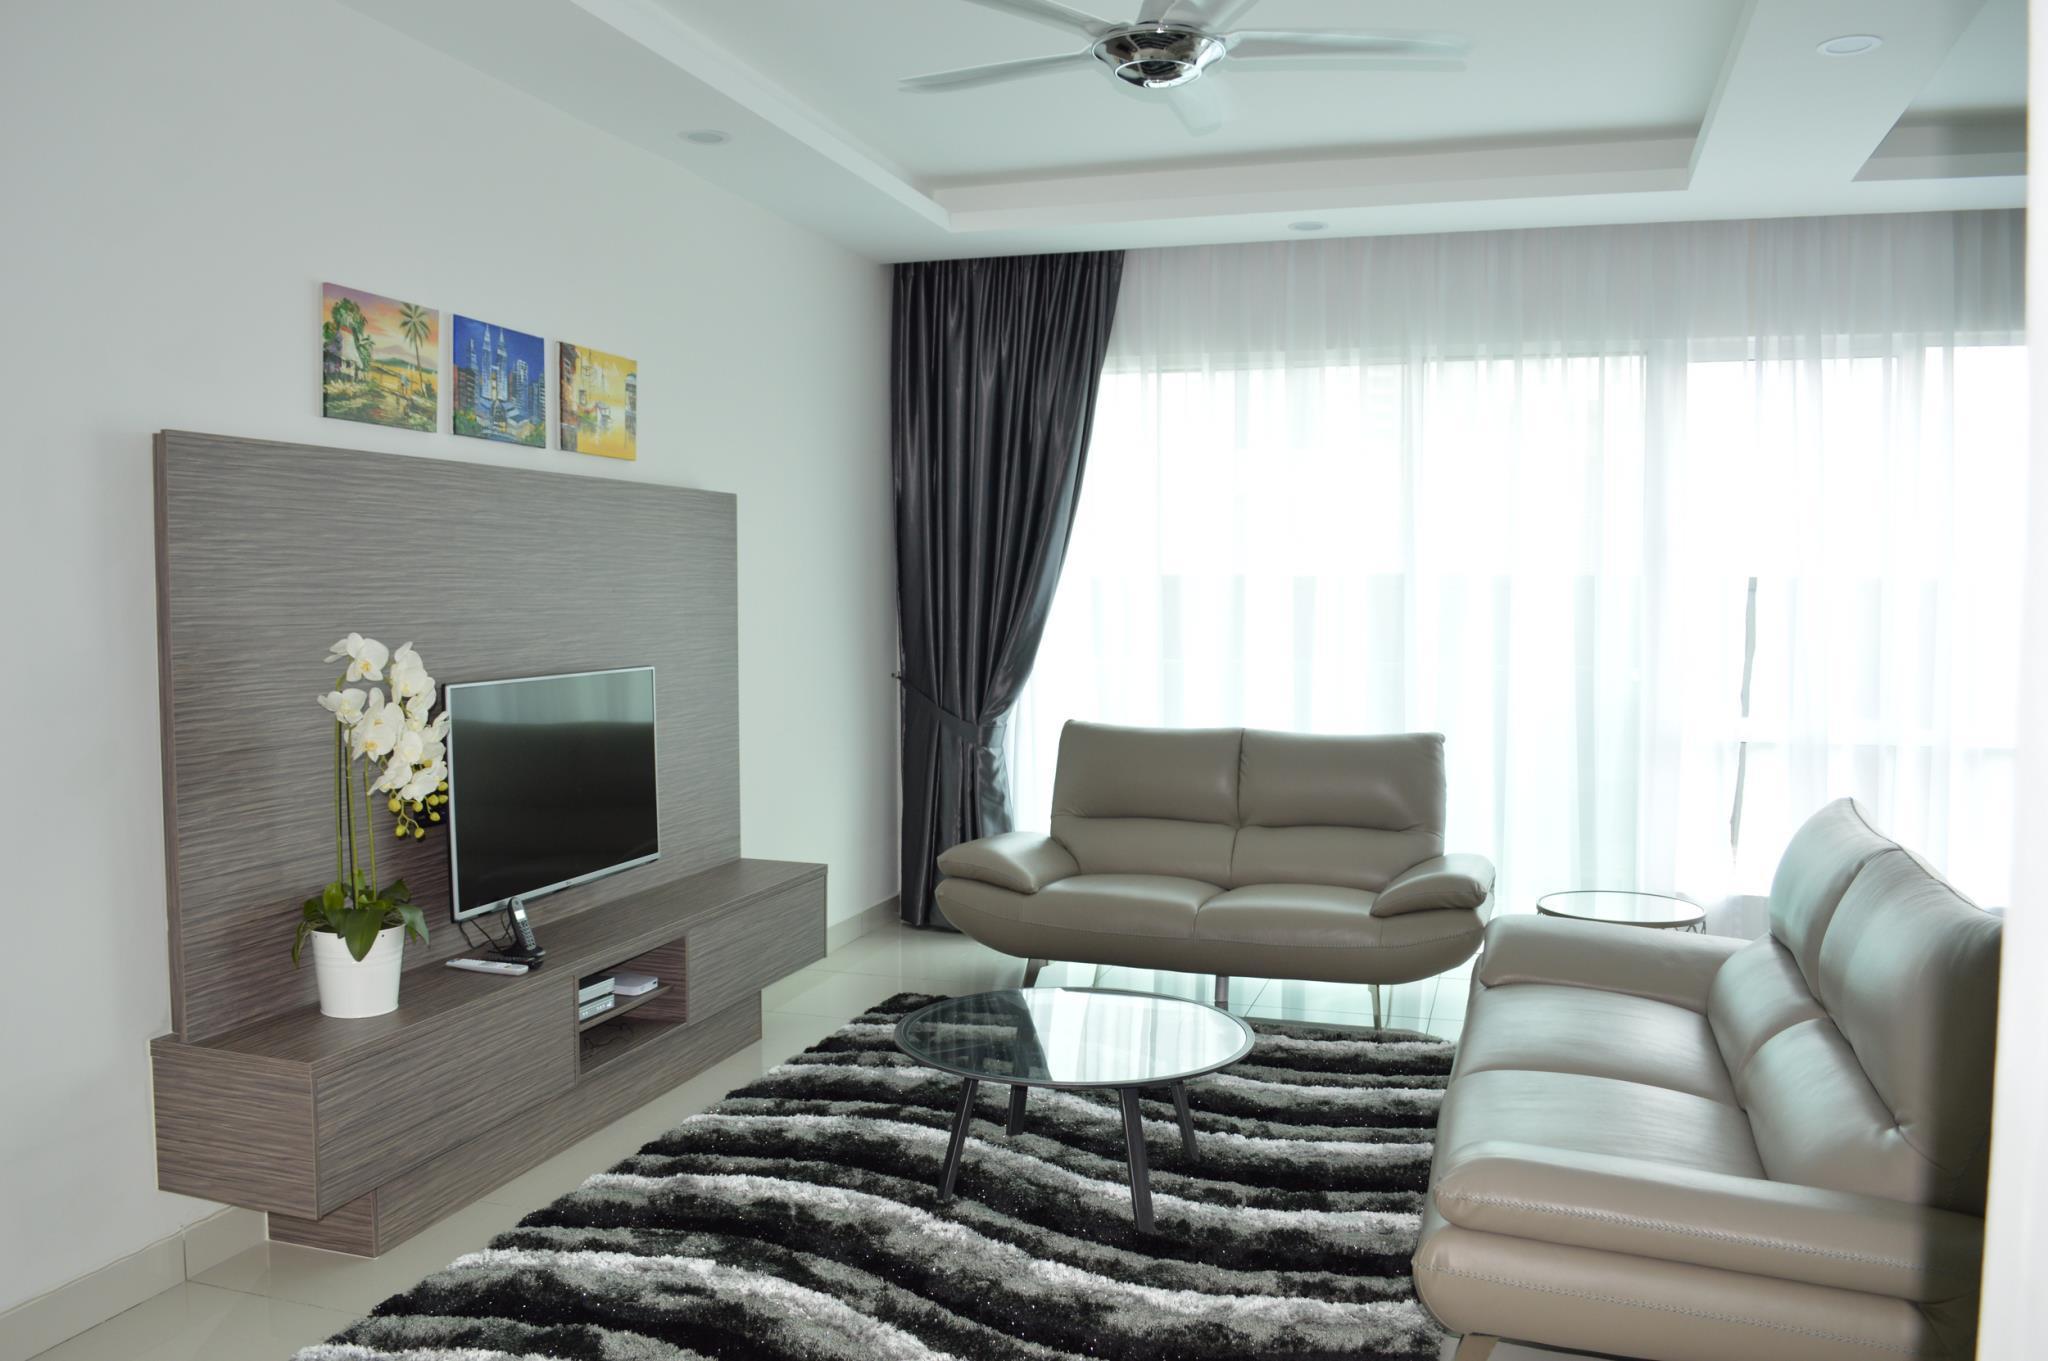 Gloluxe @ Glomac Damansara Residences